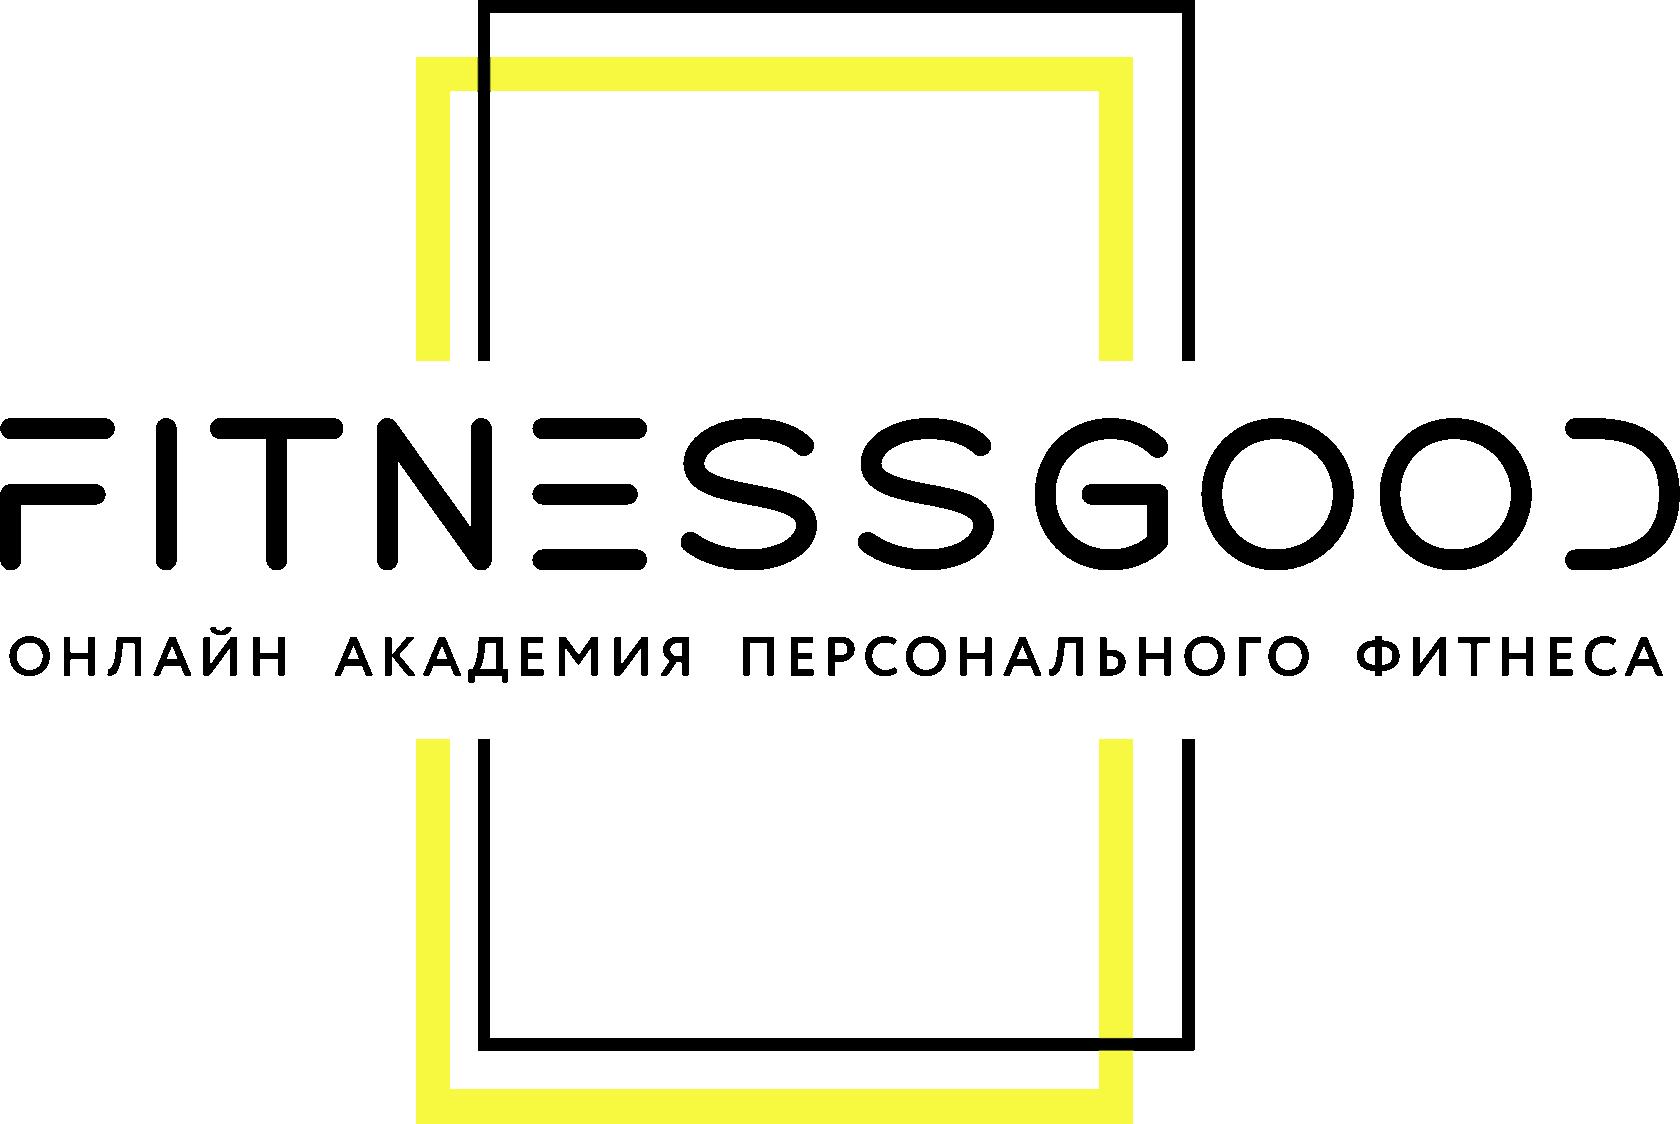 Работаем с 2018 года